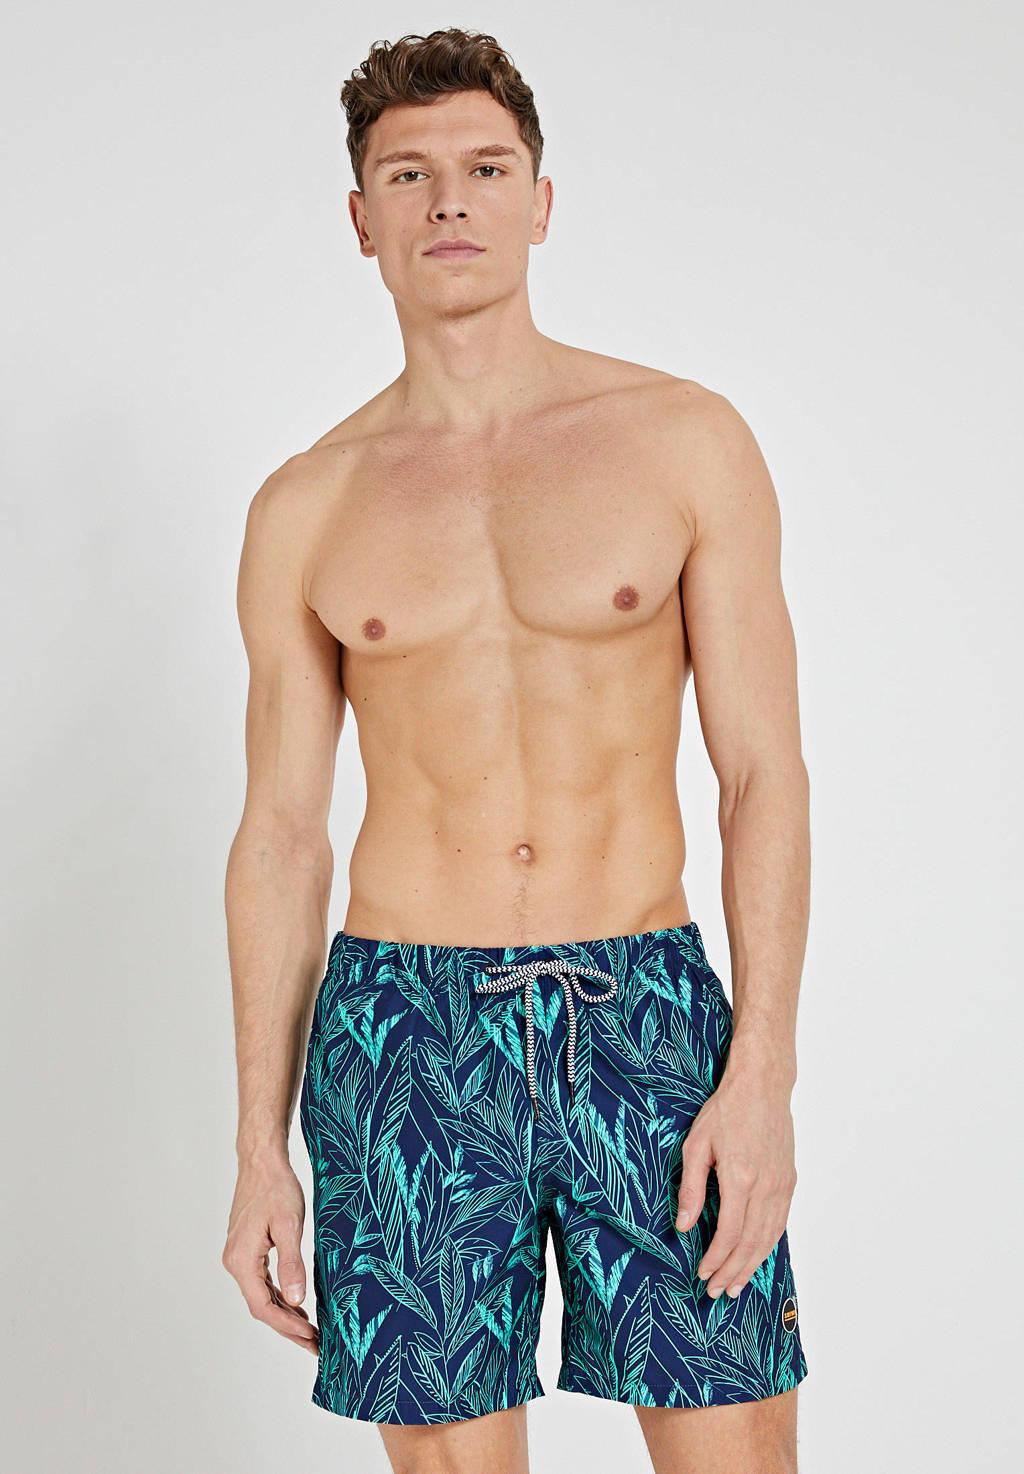 Shiwi zwemshort met all over print donkerblauw/groen, Donkerblauw/groen